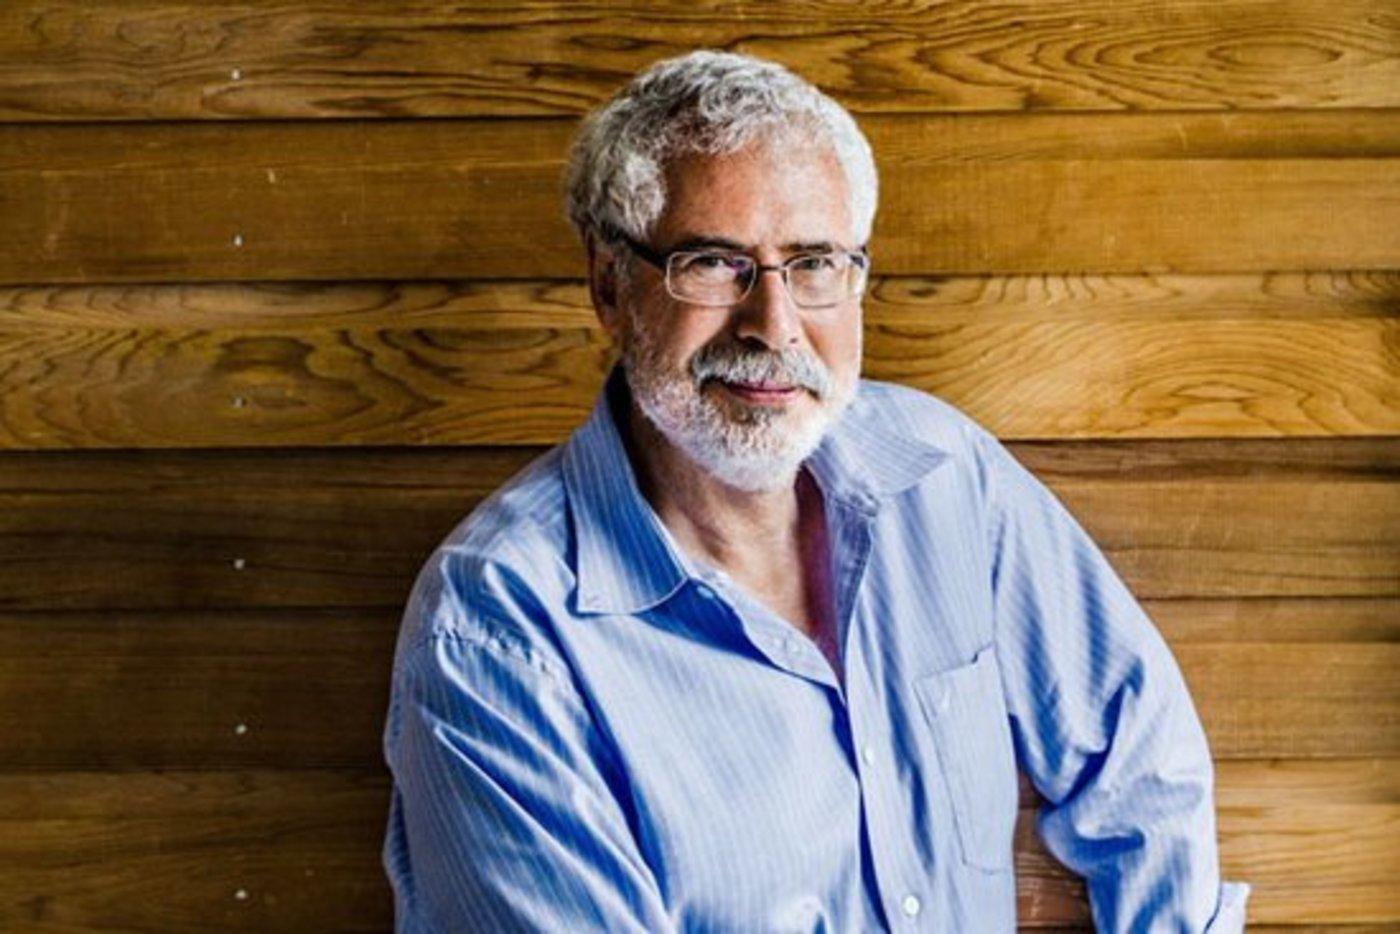 硅谷的创业大师史蒂夫·布兰克(Steve Blank)